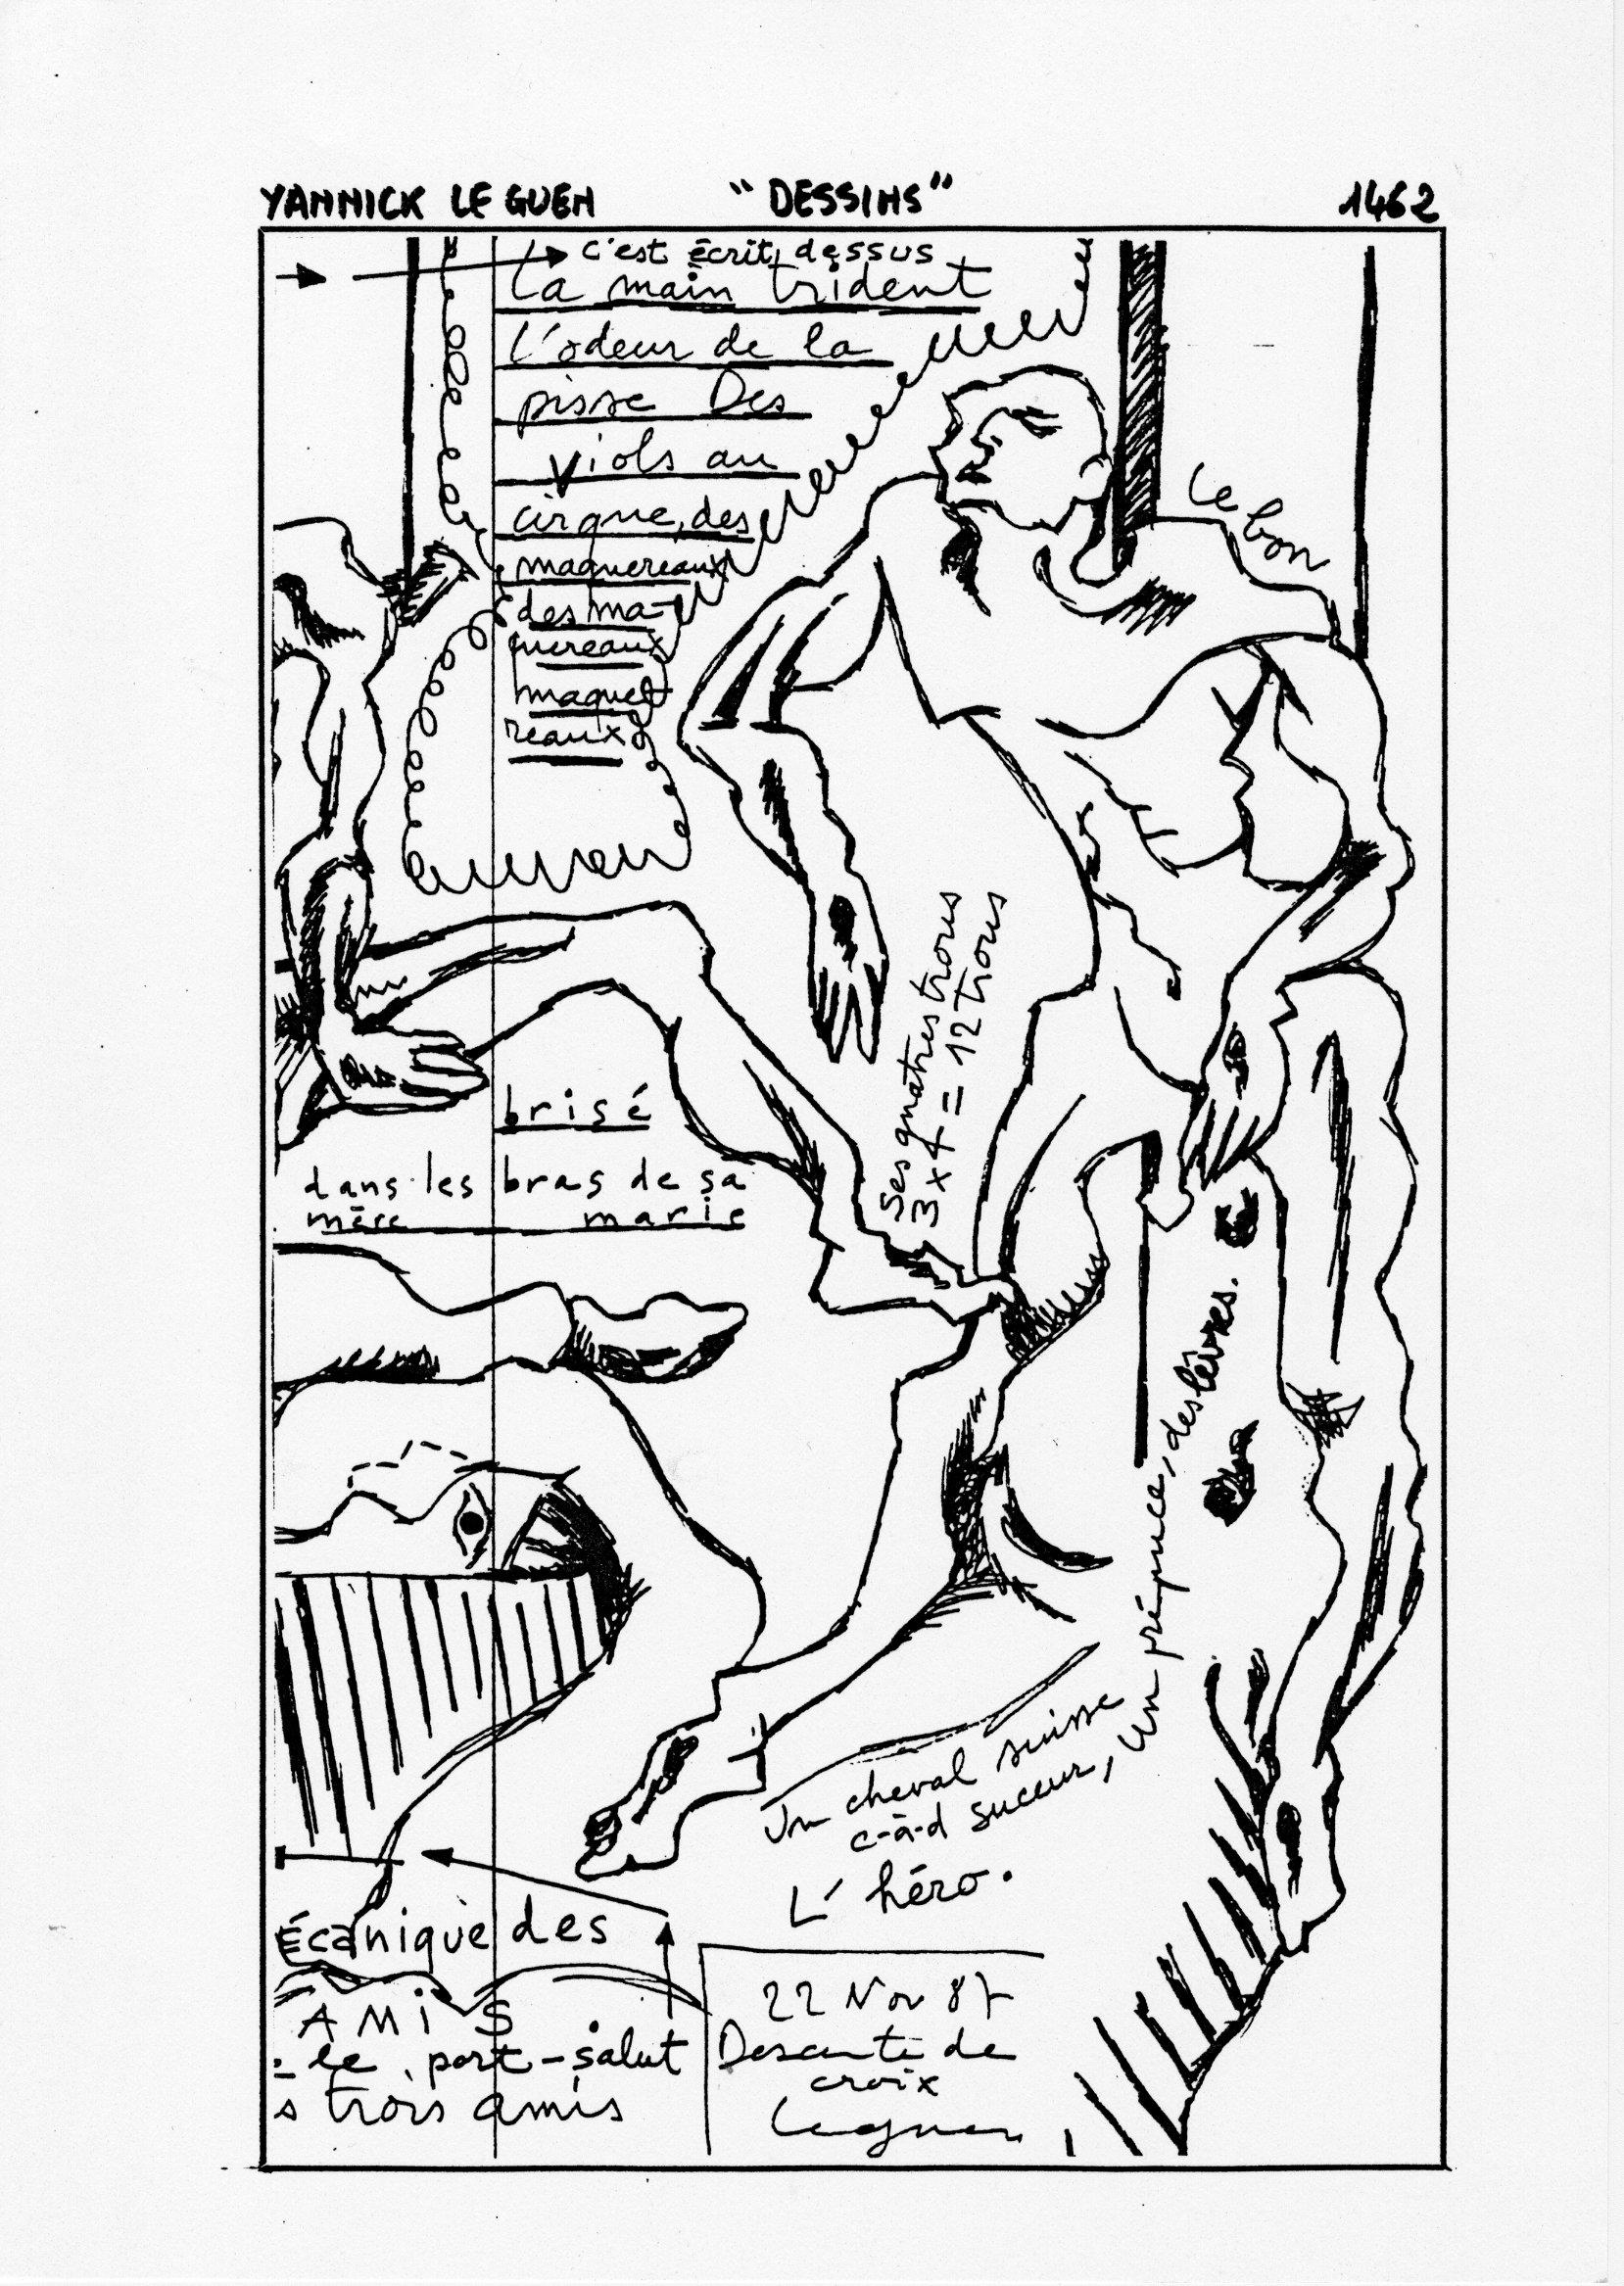 page 1462 Y. Leguen DESSINS